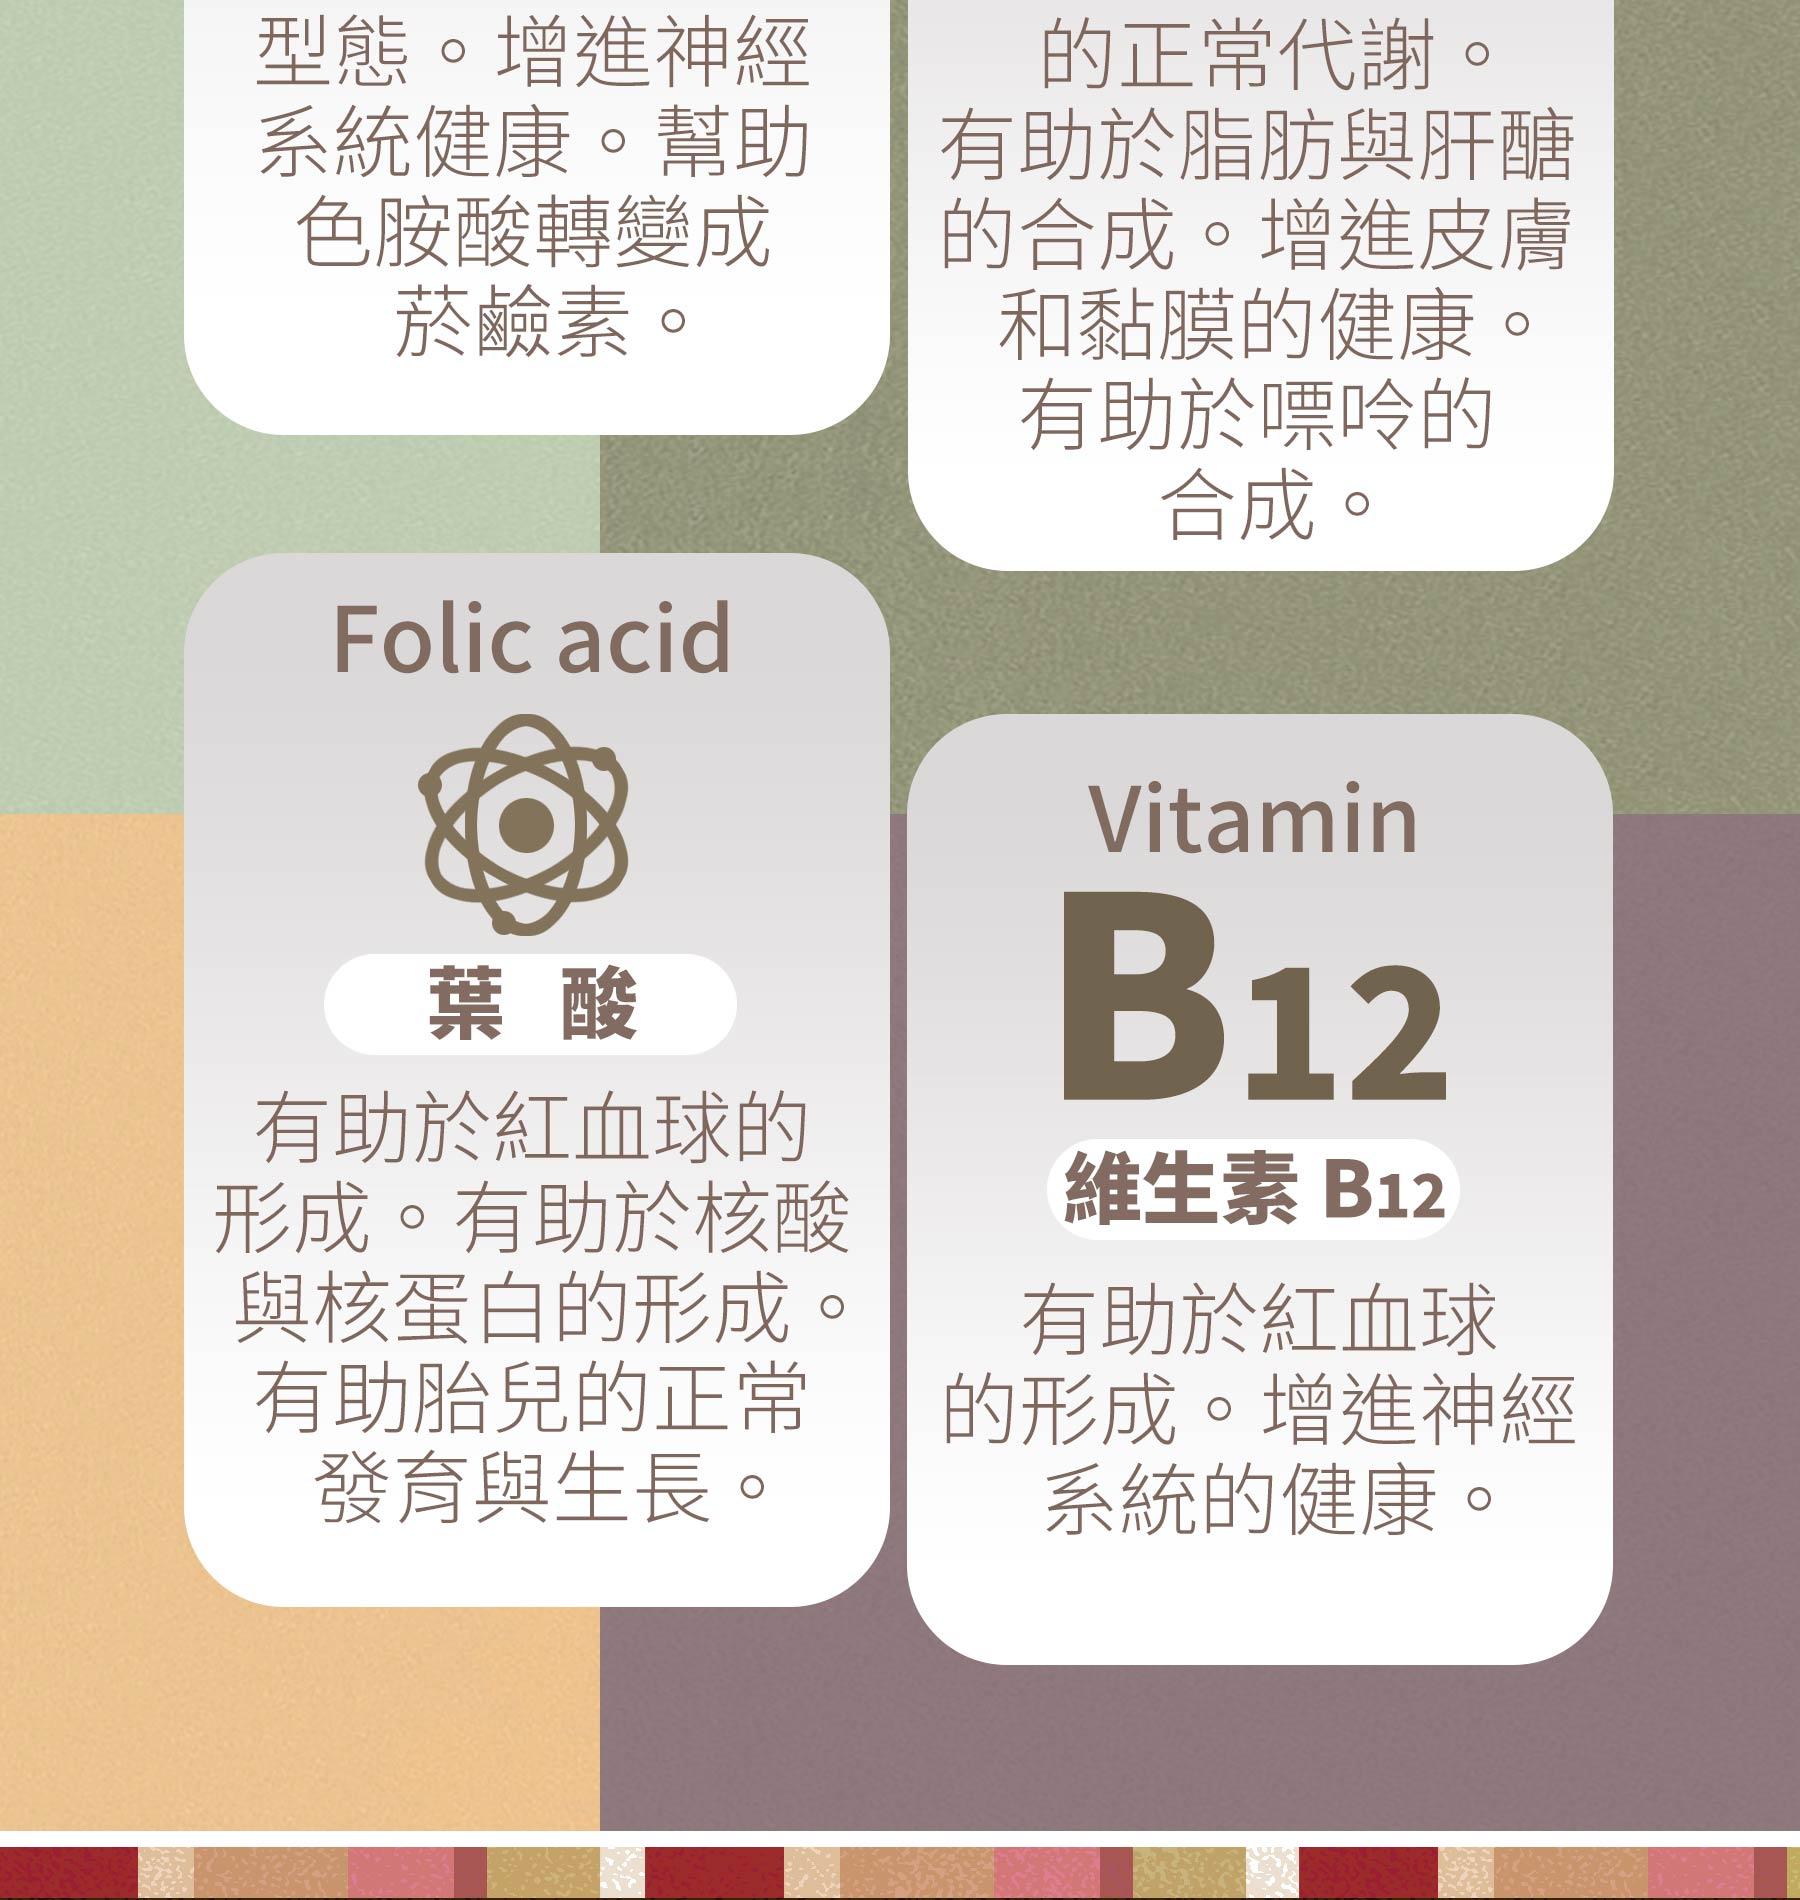 豐富酵母B群含有葉酸,維生素B12